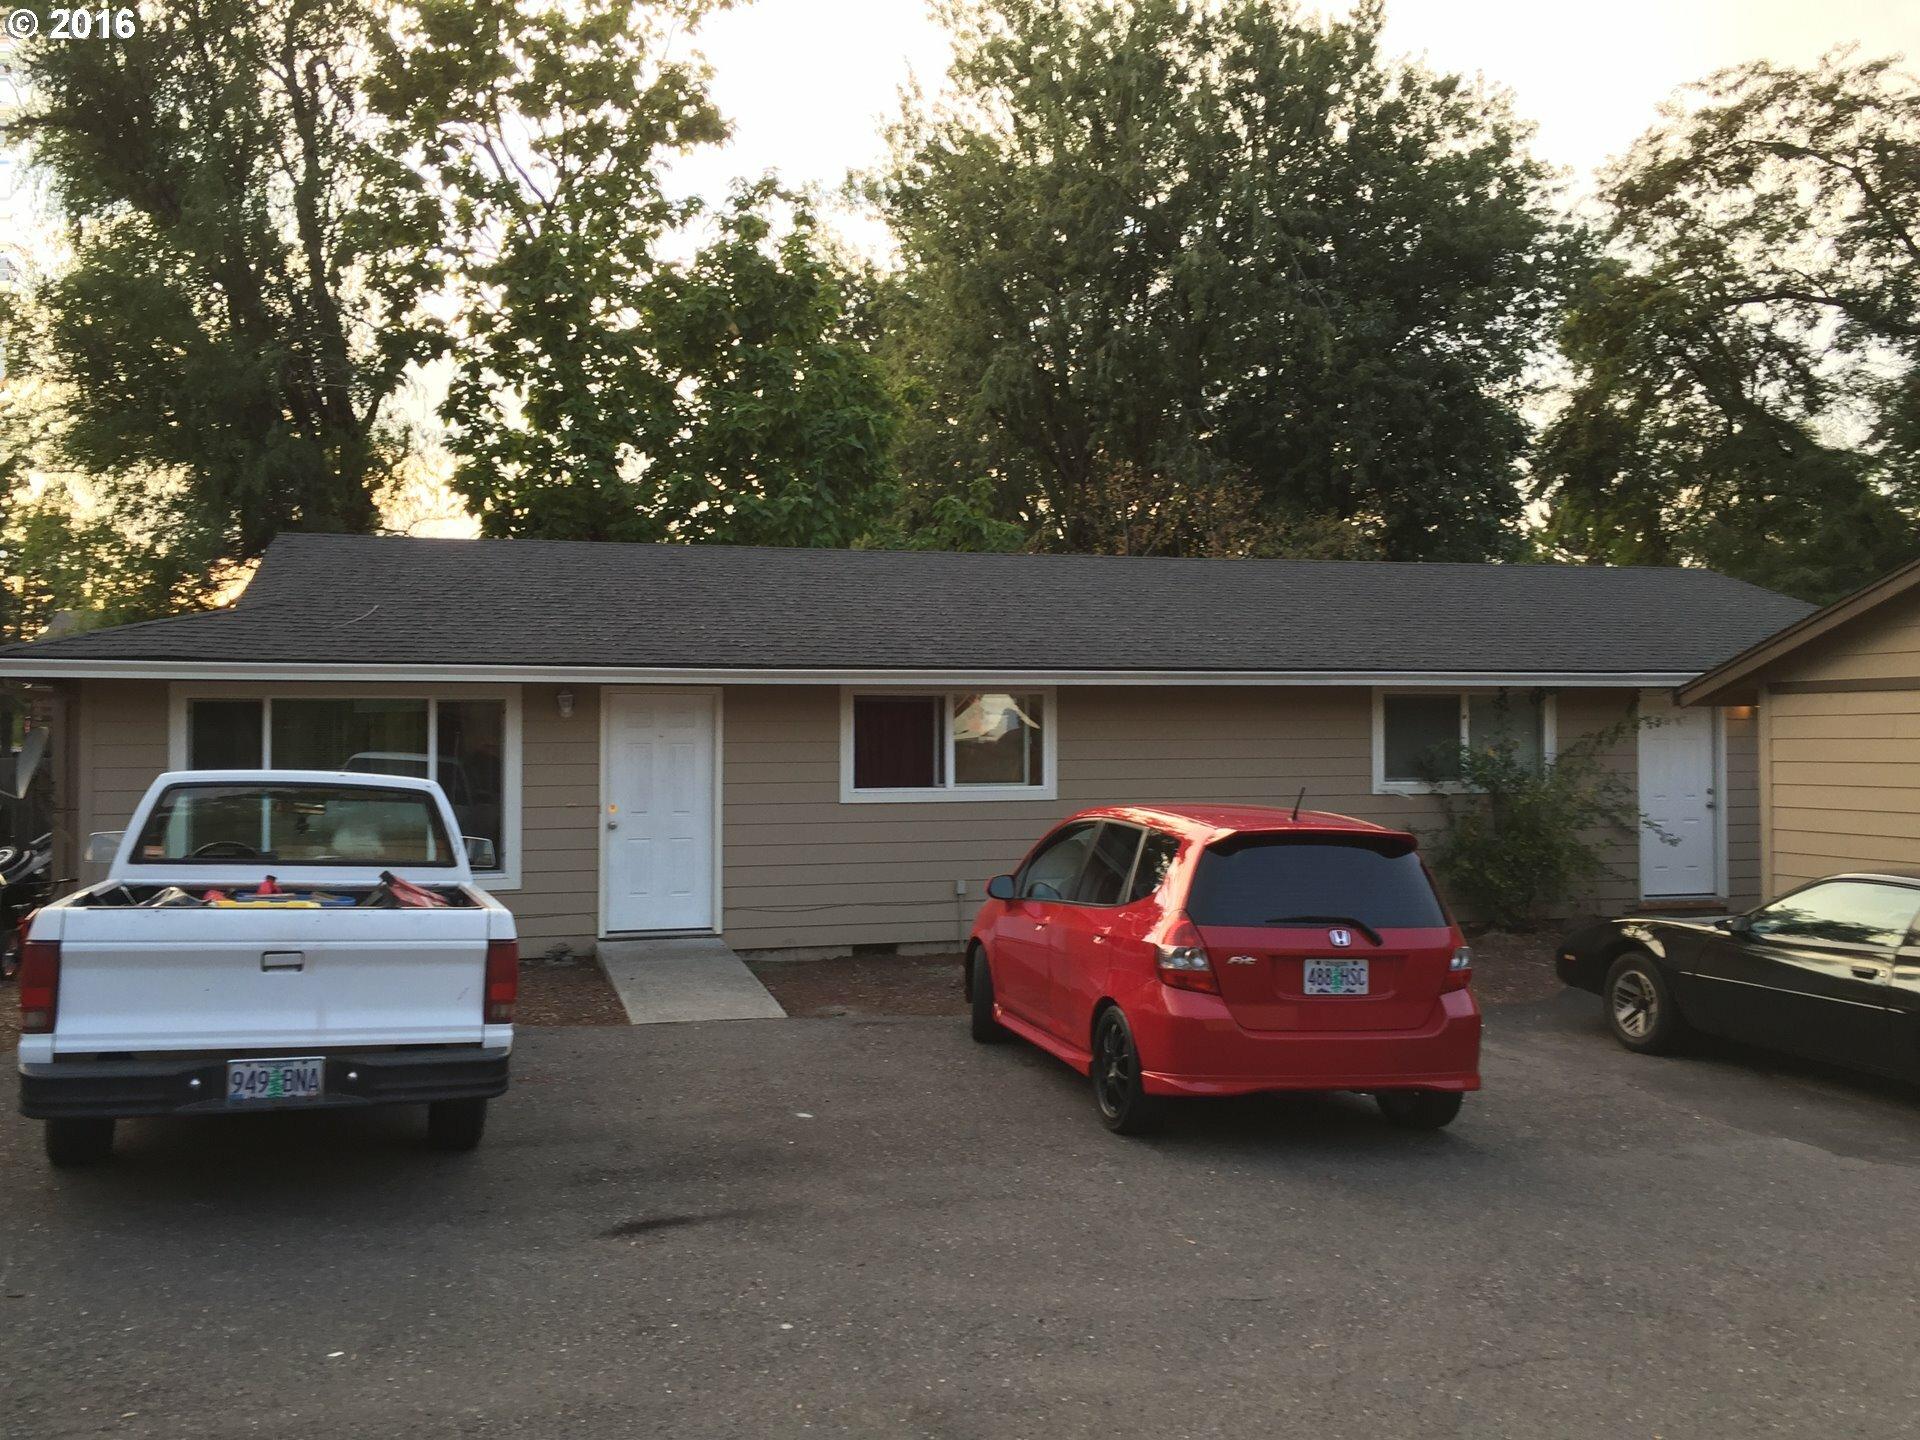 151 Se Hogan Rd, Gresham, OR - USA (photo 1)